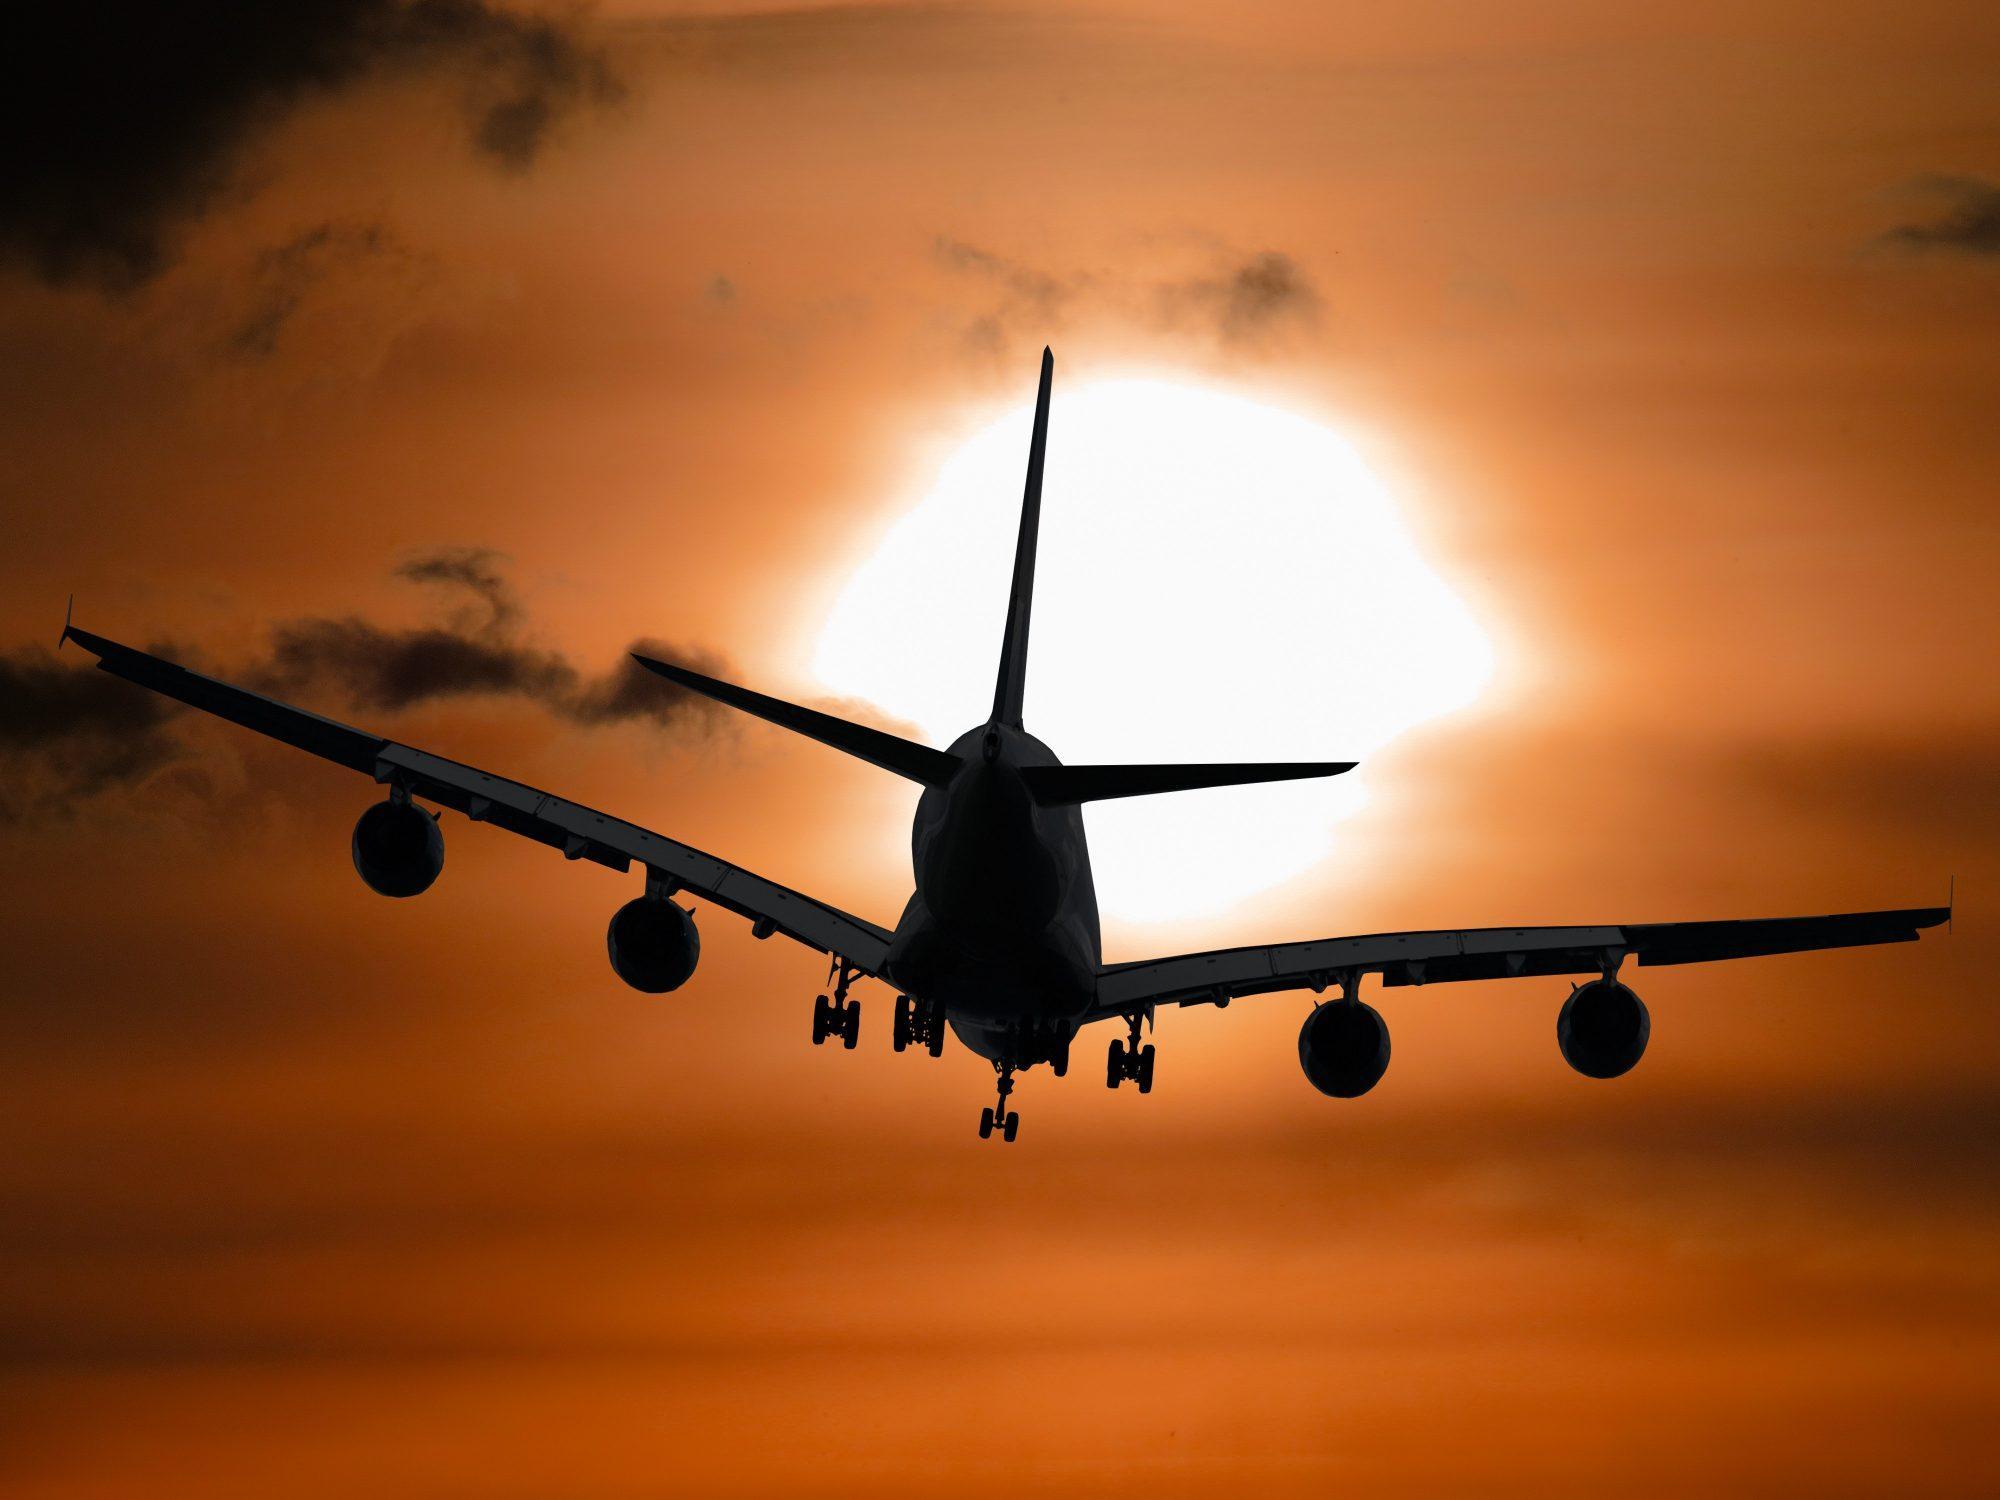 utasszállító, repülő